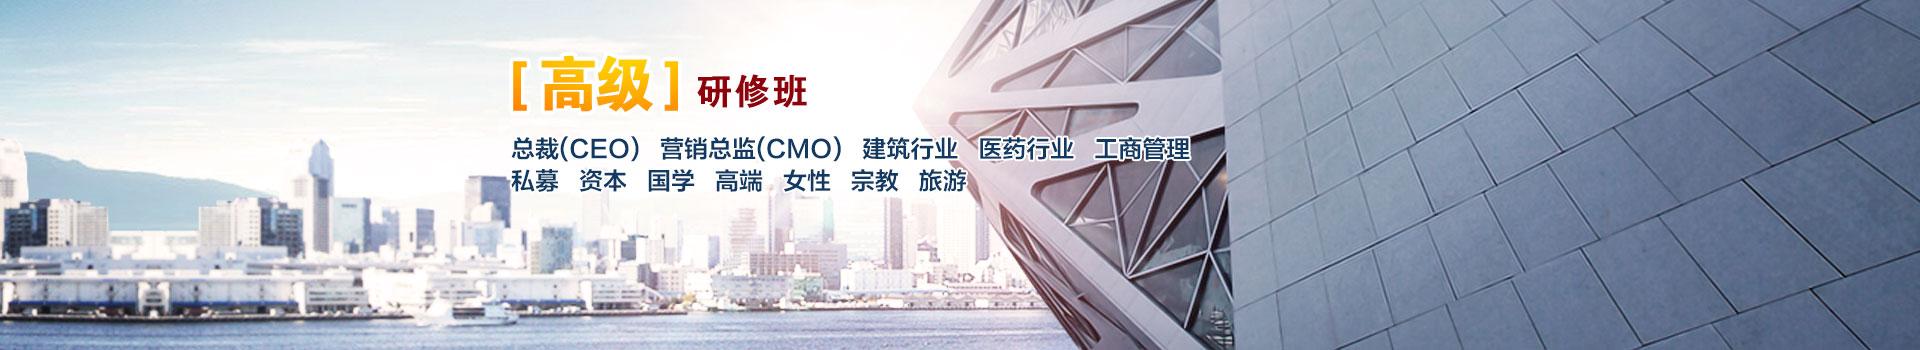 北京大学高级研修班的招生优势